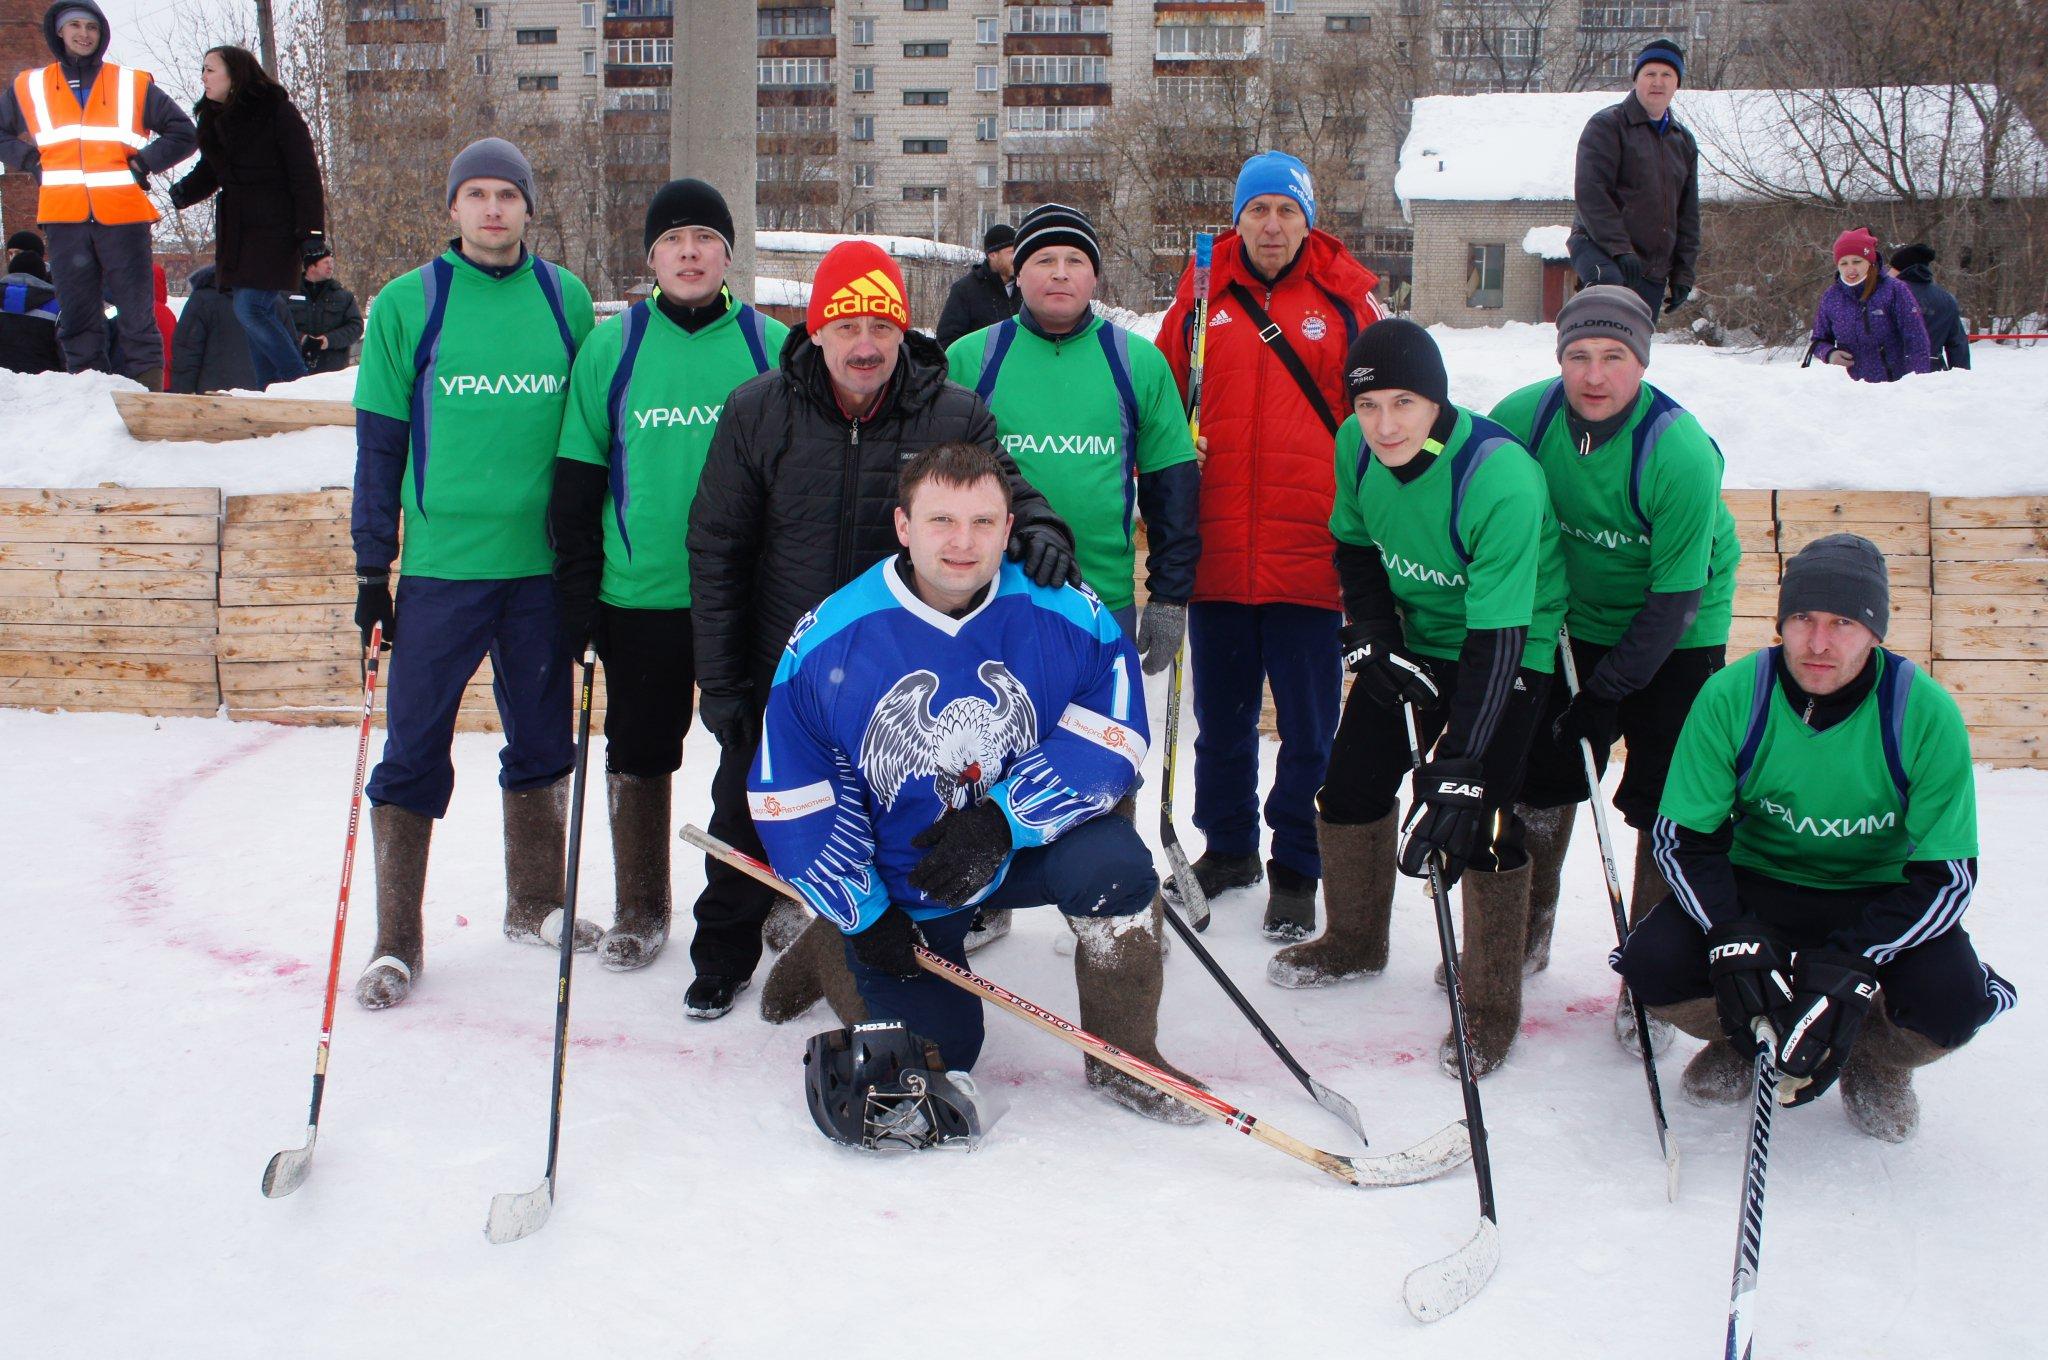 Команда ЗМУ КЧХК выиграла турнир по хоккею на снегу